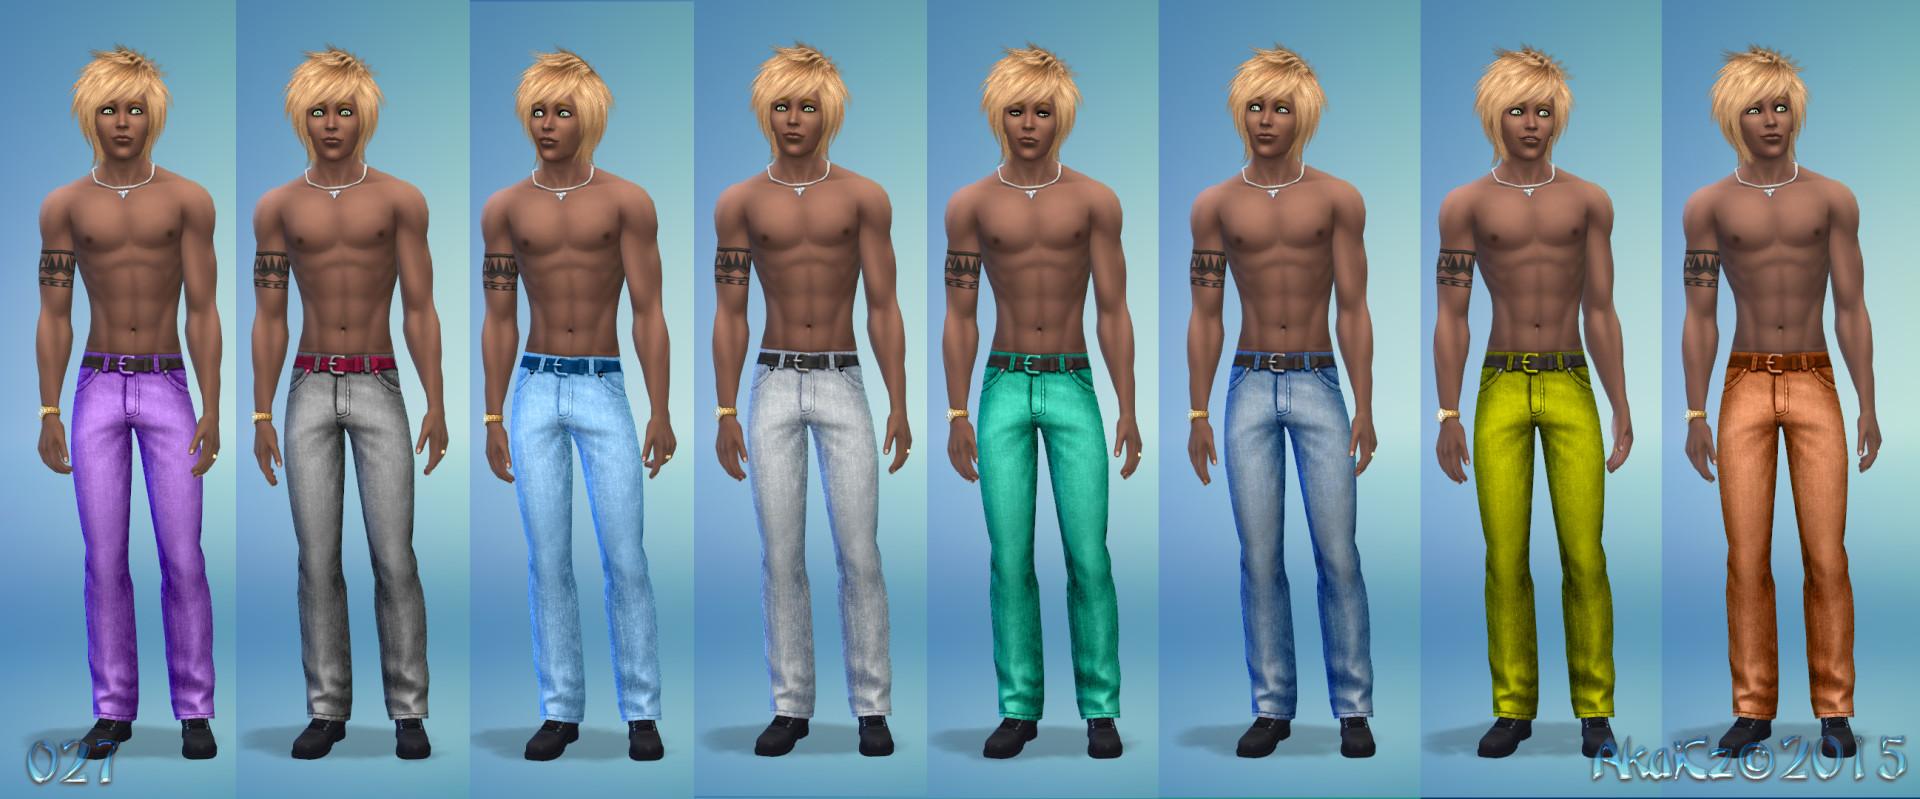 027_akaiCZ_jeans